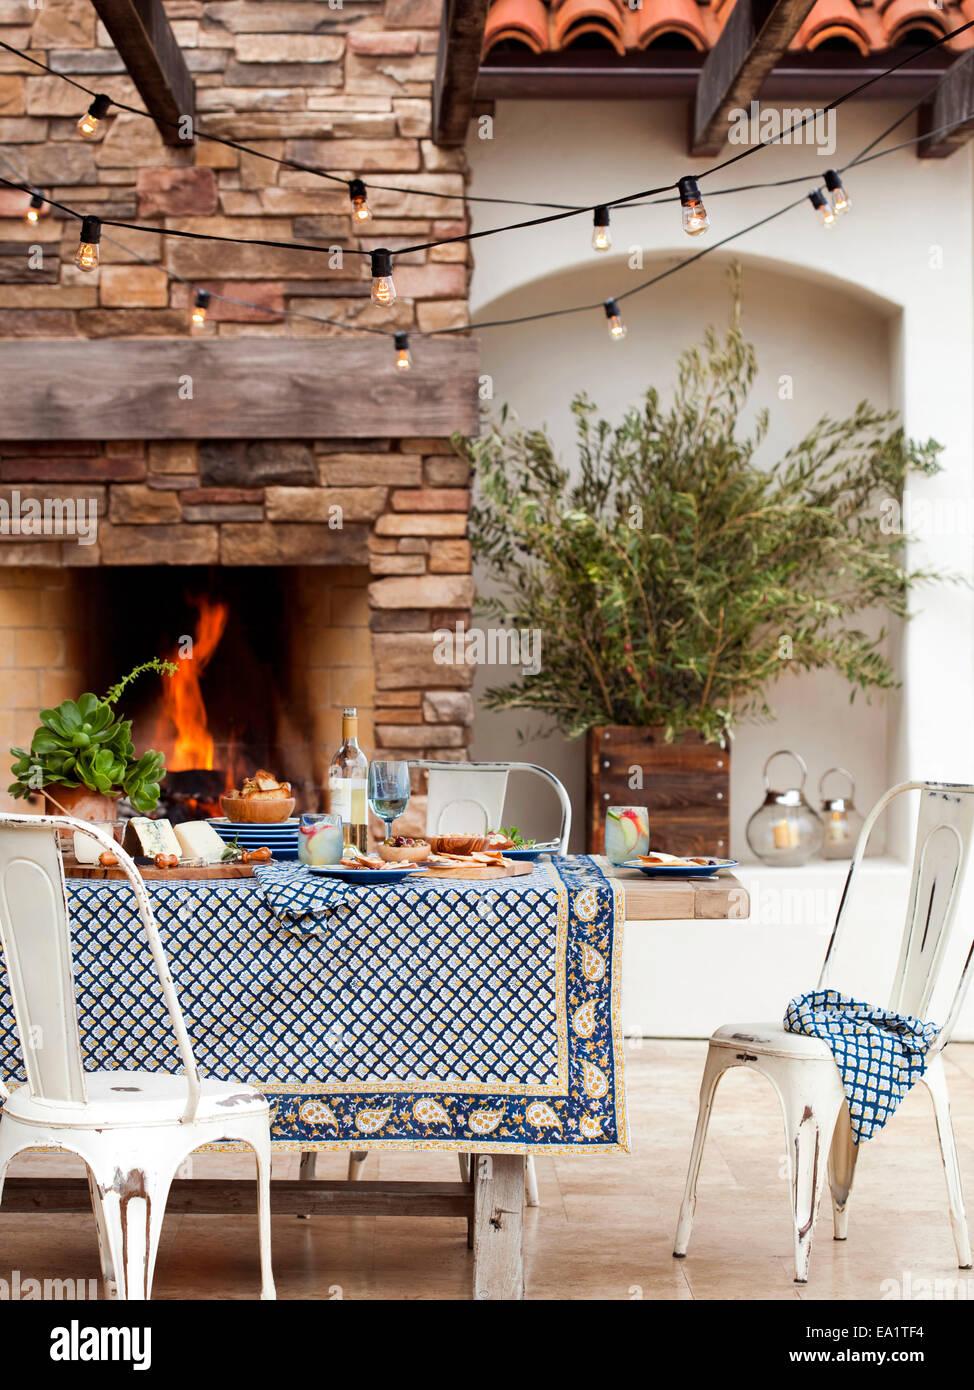 Comedor exterior con mesa de escena y fuego Foto & Imagen De ...